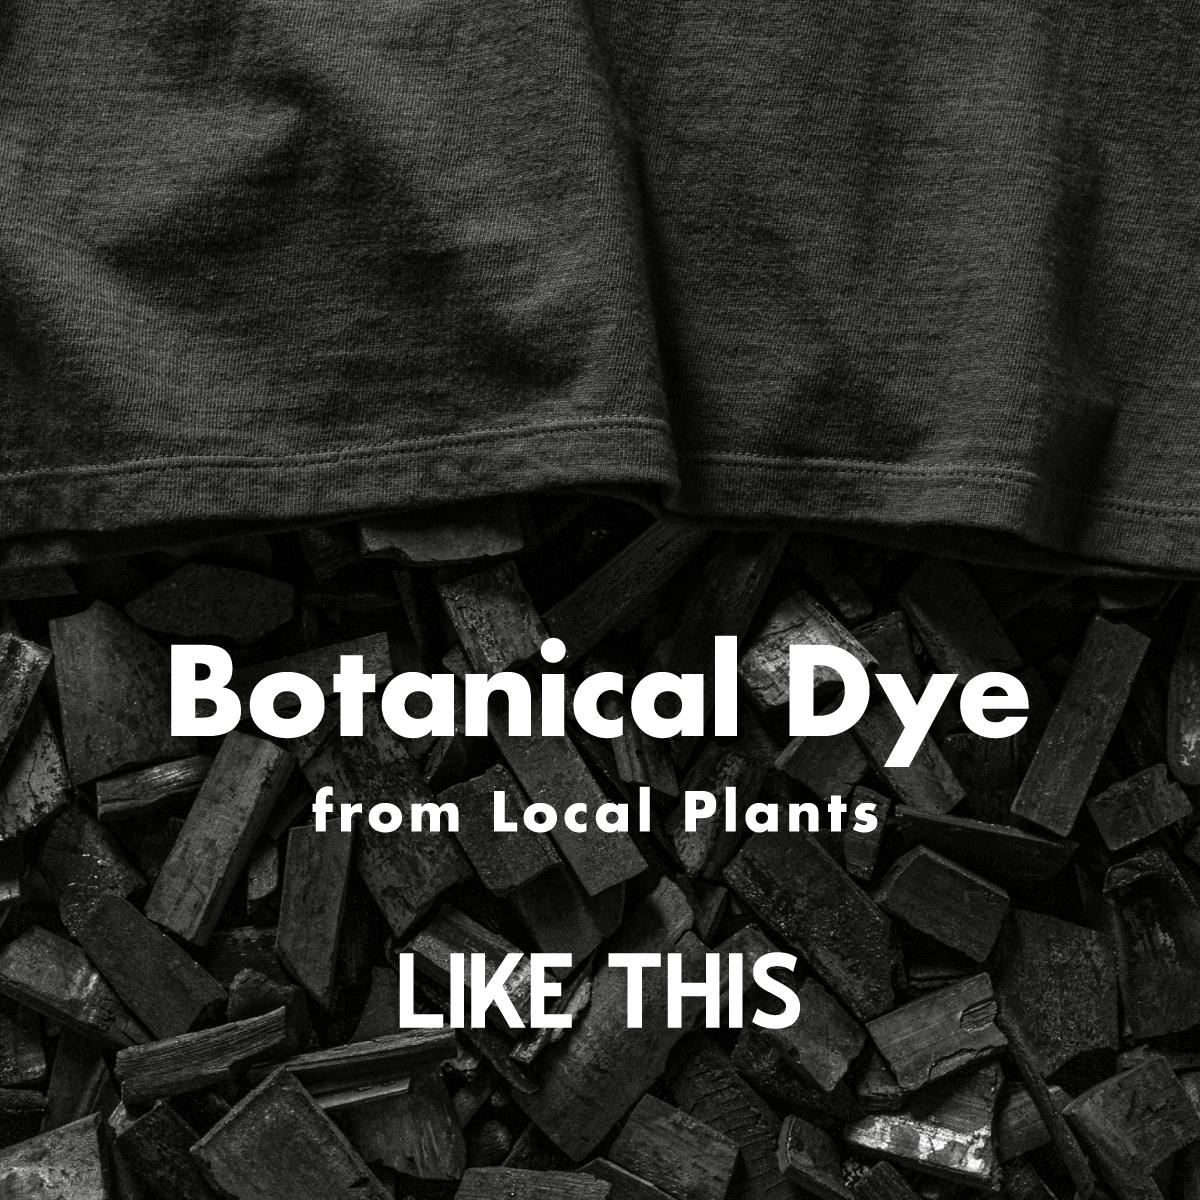 Botanical Dye